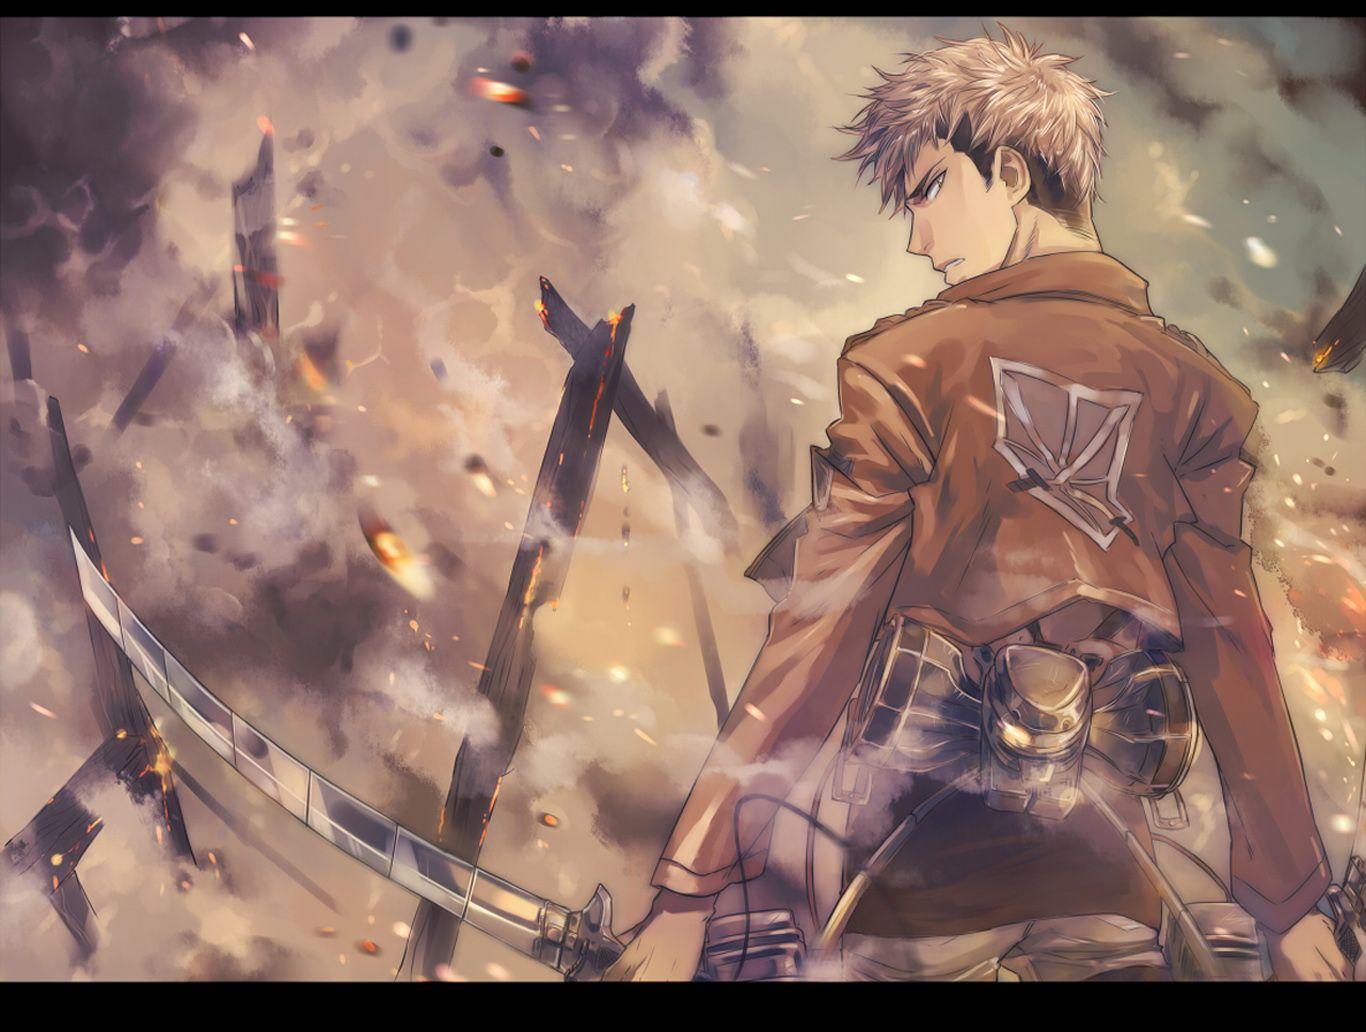 Attack on Titan wallpaper Kirschtein Blade Attack on